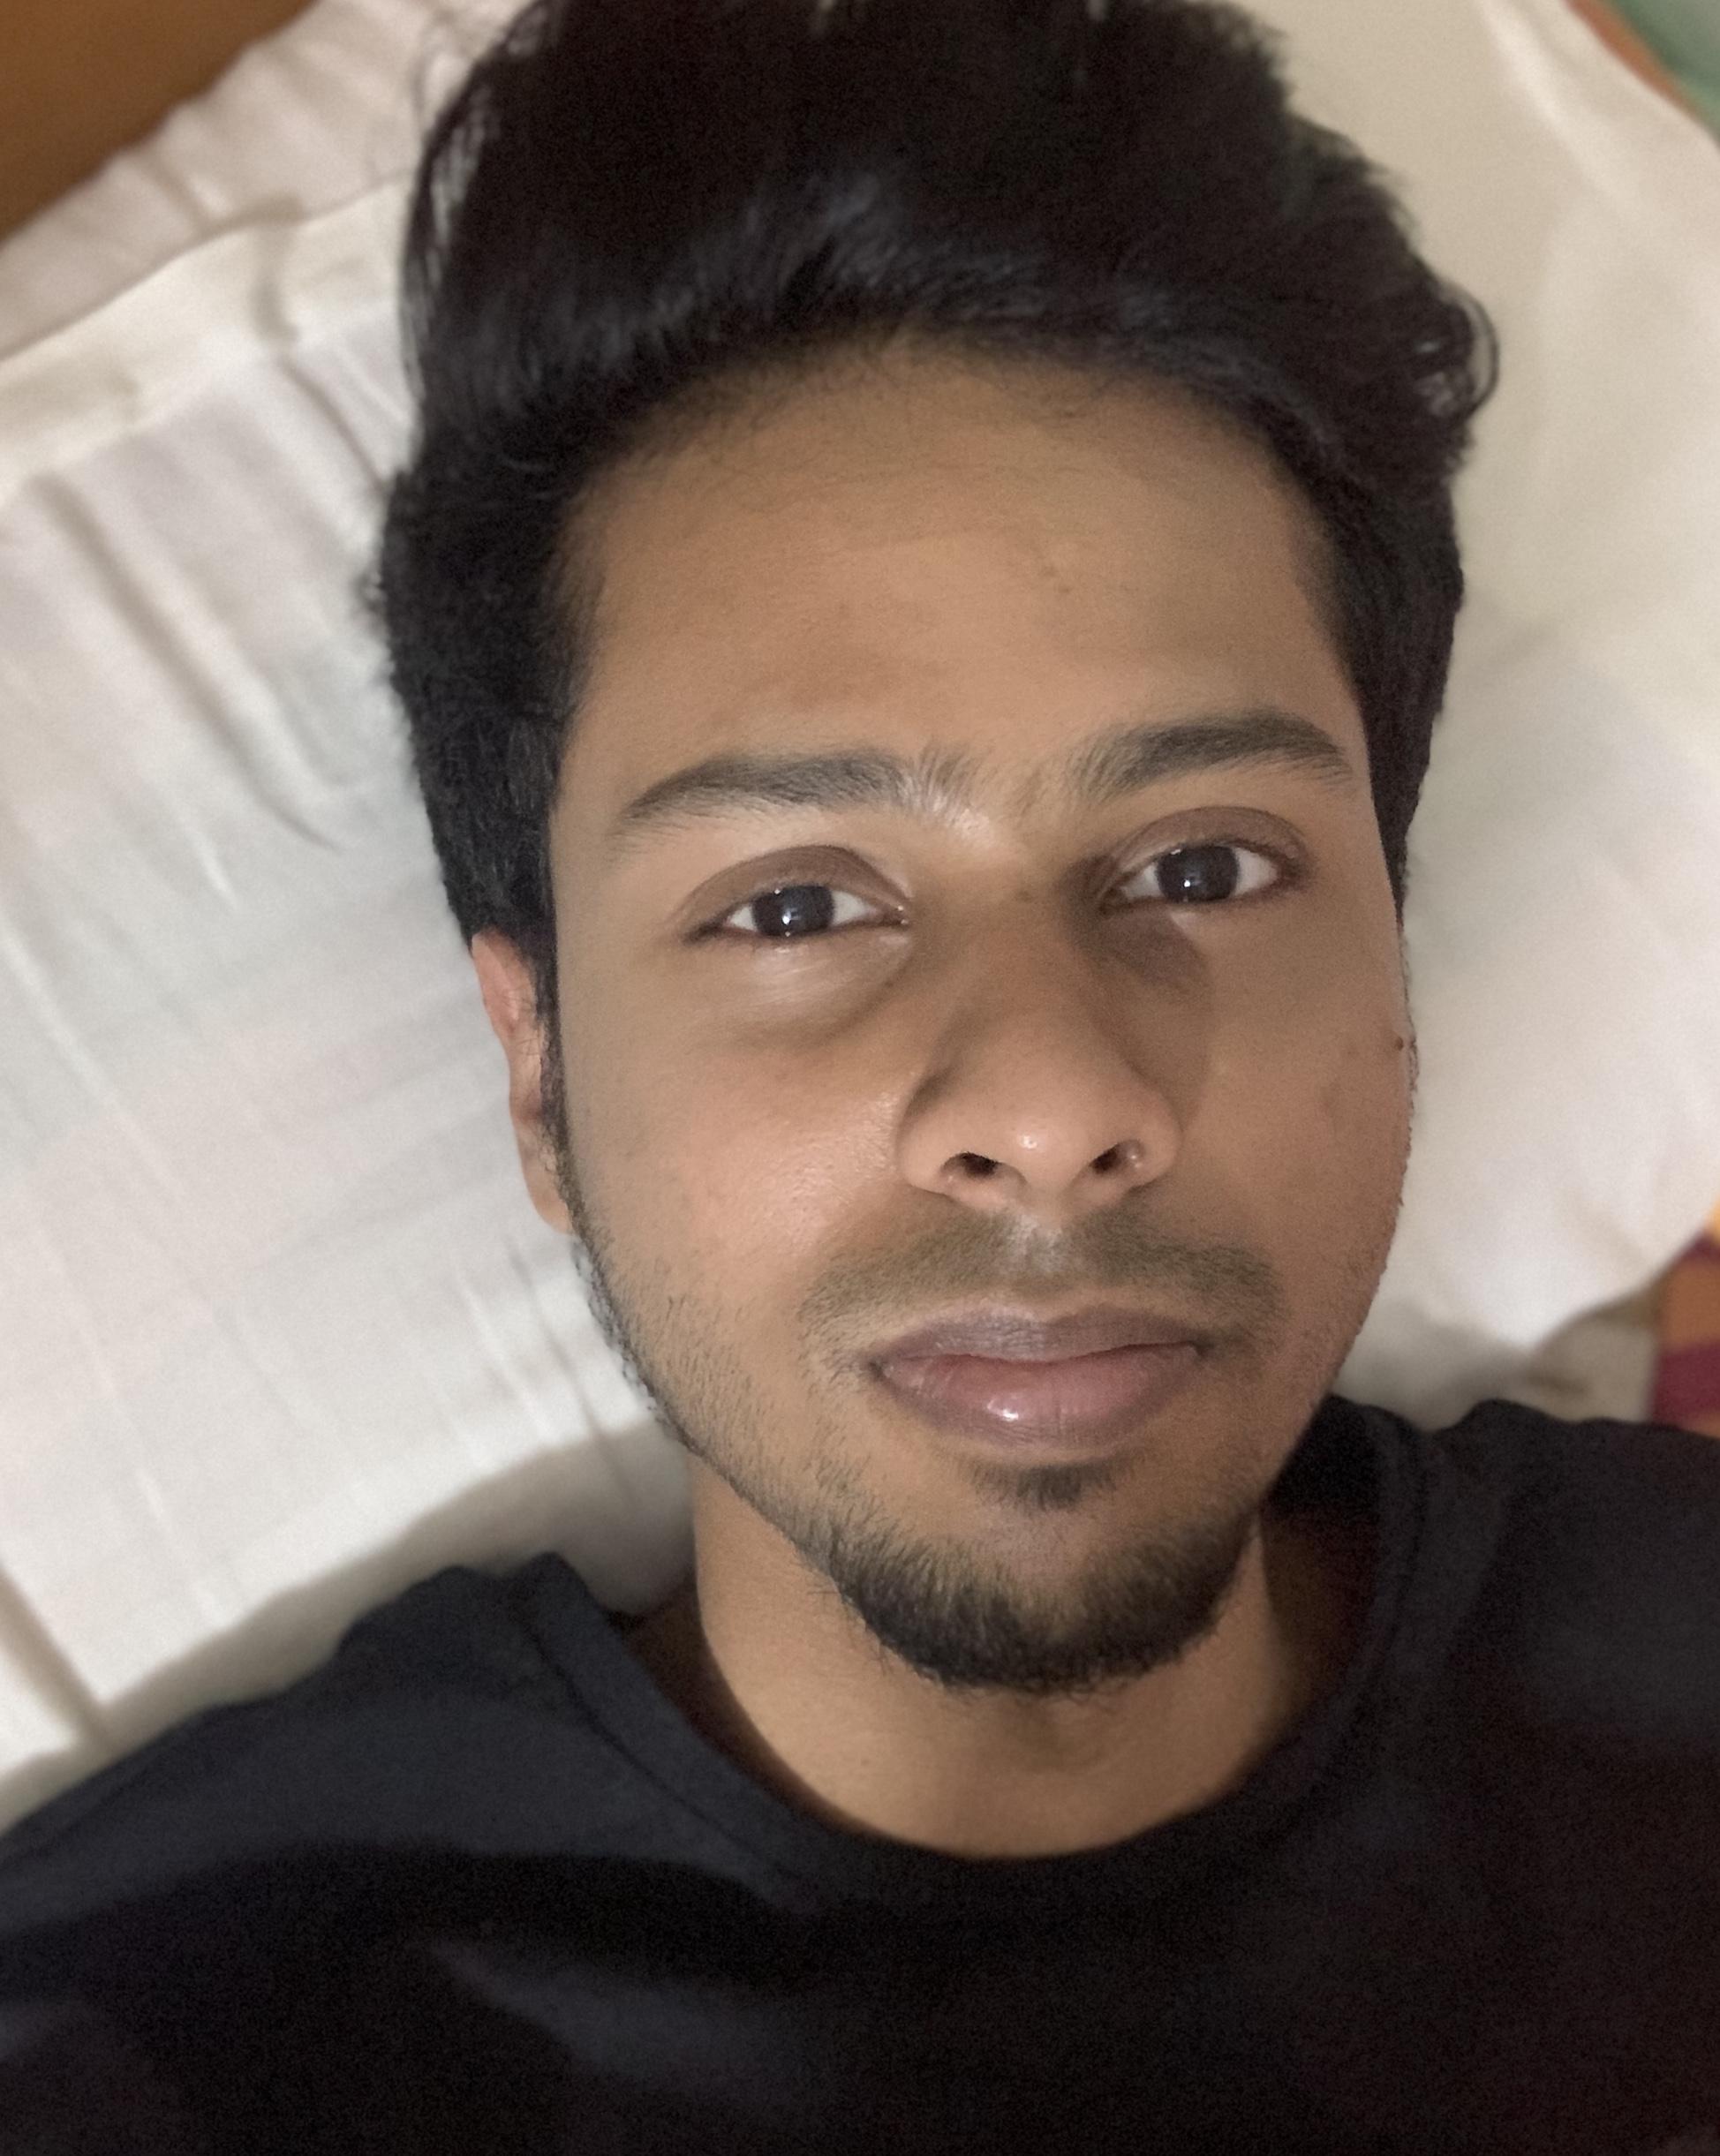 Sourasish Chowdhury